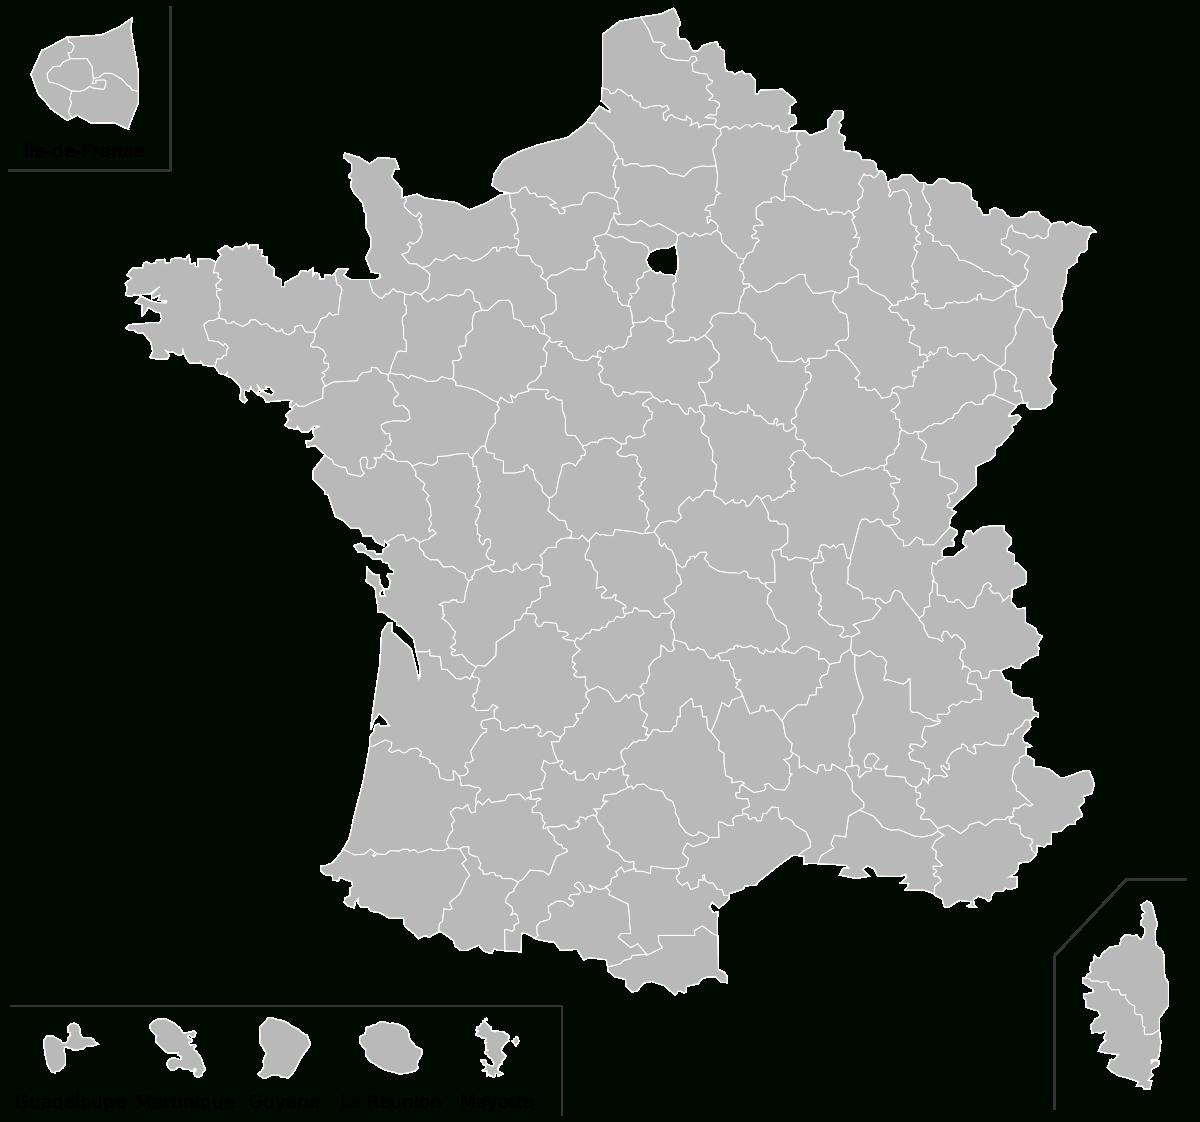 File:carte Vierge Départements Français Avec Dom.svg pour Carte Departements Francais